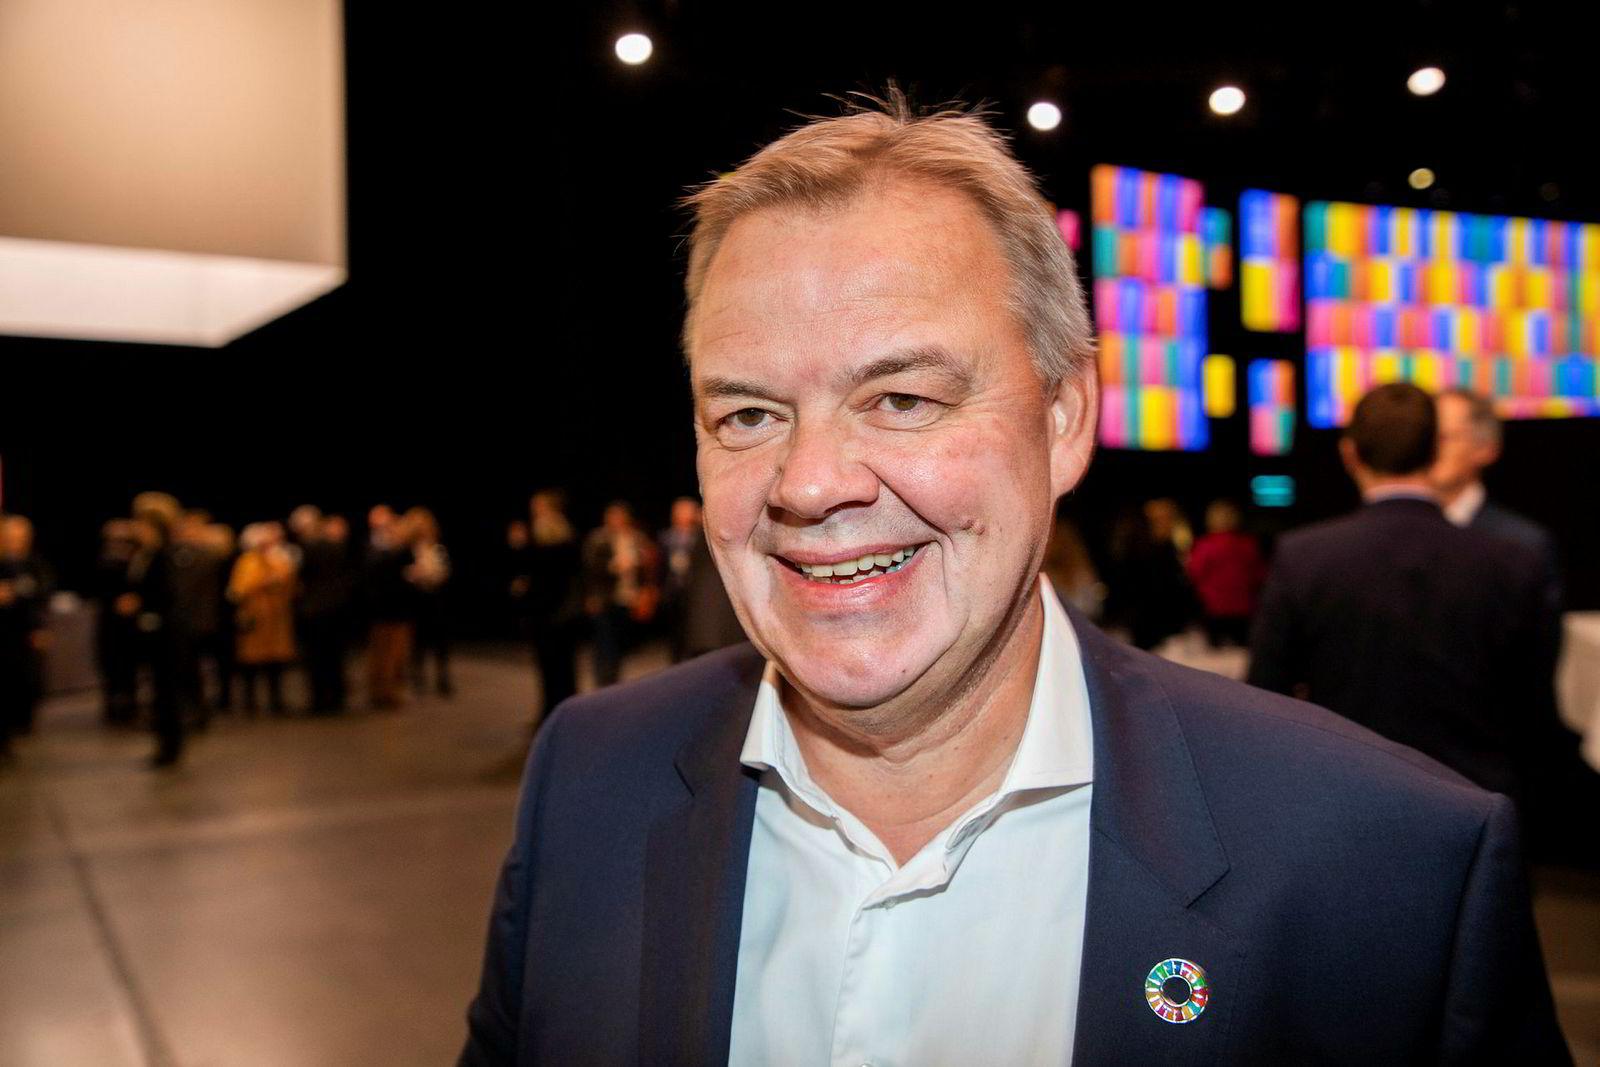 Konsernsjef Odd Arild Grefstad i Storebrand håper årets NHO-konferanse kan bidra til å vekke deltakerne til å forstå at det haster med klimaomstilling.